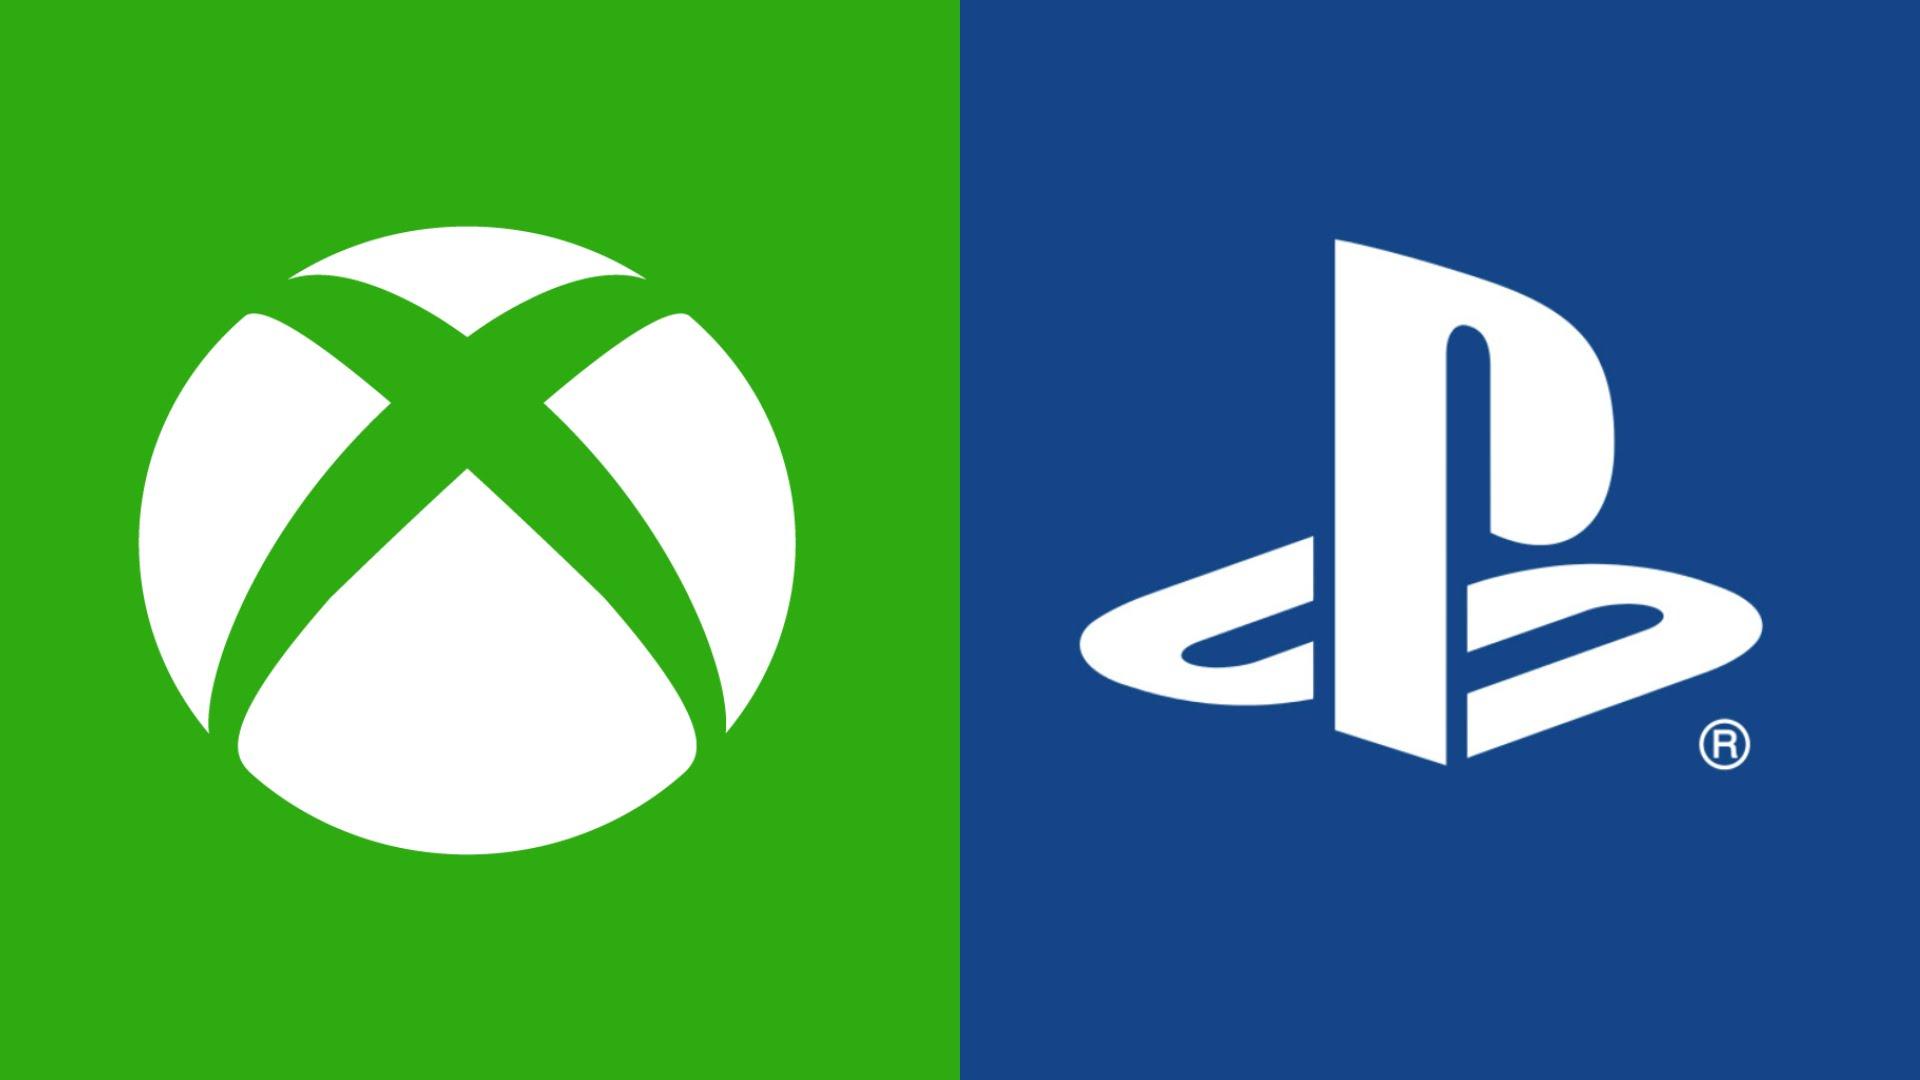 Qué necesitarían Playstation 5 y Xbox Scarlett para reproducir juegos en 4K a 30 FPS